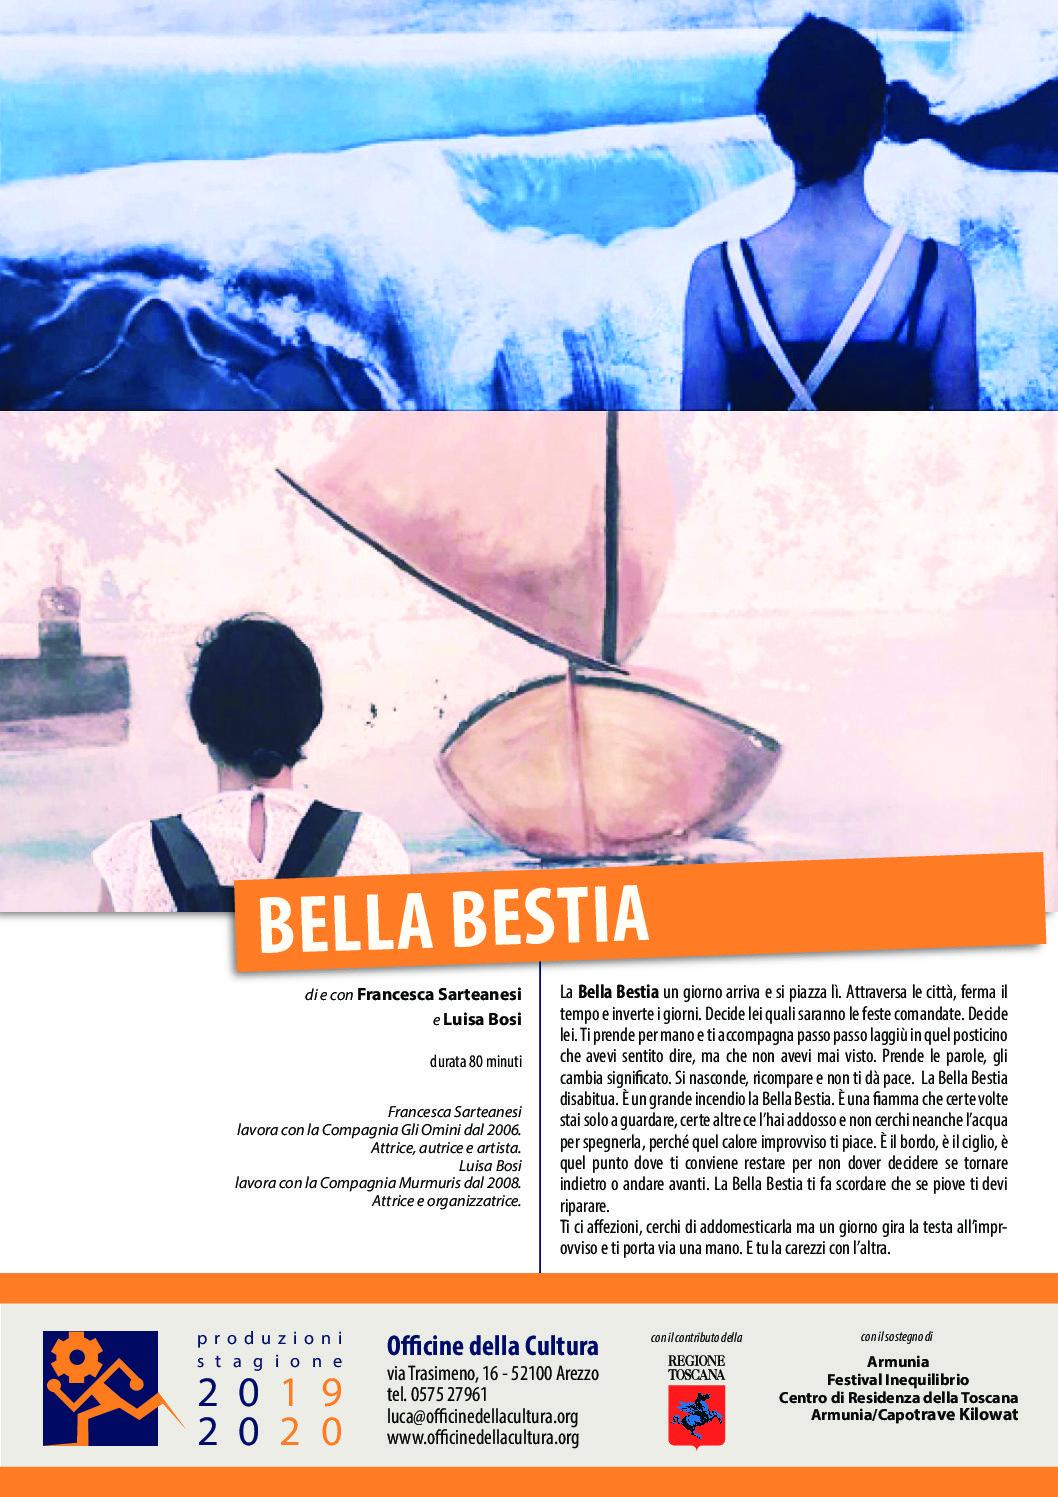 'Bella Bestia', martedì 25 giugno, ore 9.35